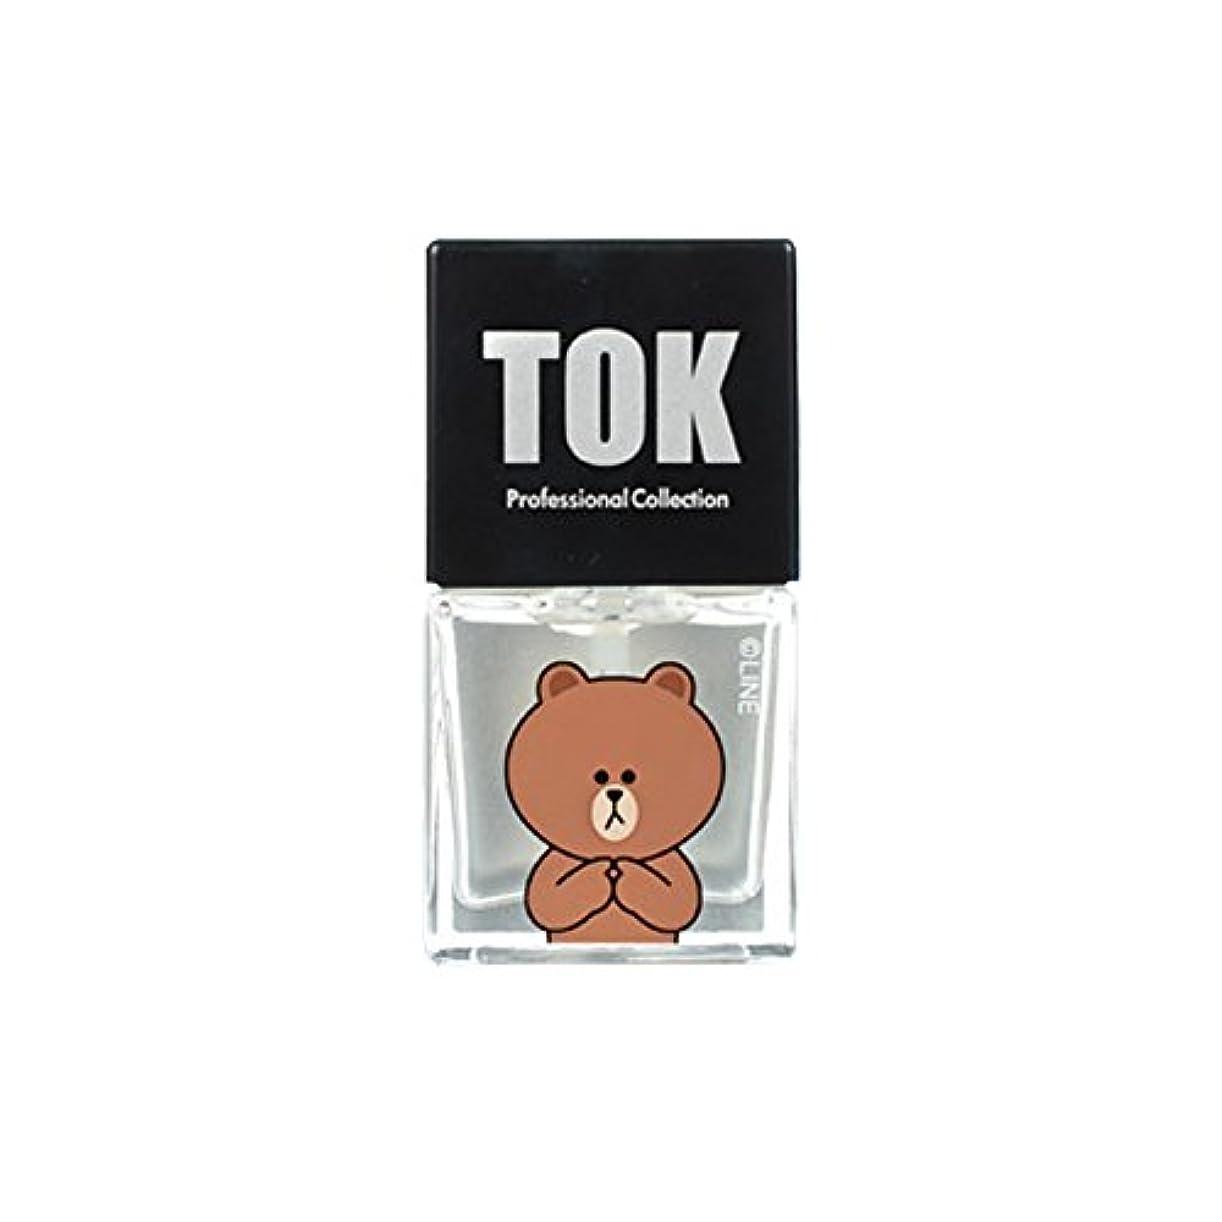 それにもかかわらず解釈する季節TOK Line Friends ネイル基本ケア ベースコート トップコート キューティクルオイル キューティクルリムーバー 栄養剤 /TOK Line Friends Nail Hybrid Basic Care[海外直送品...